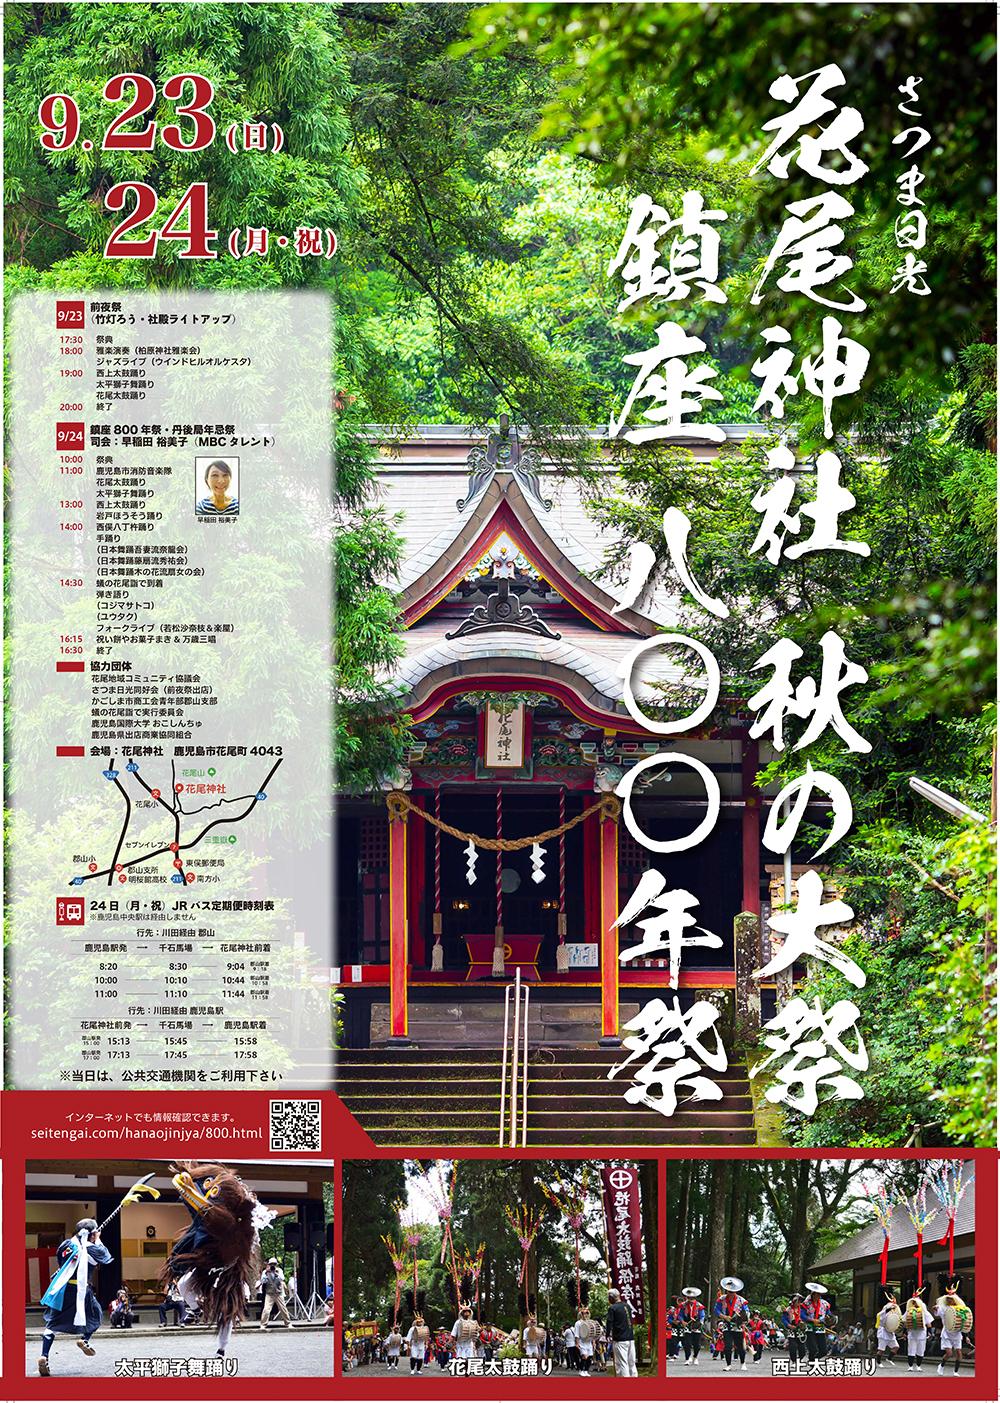 花尾神社秋の大祭・鎮座800年祭 2018.09.23-2018.09.24